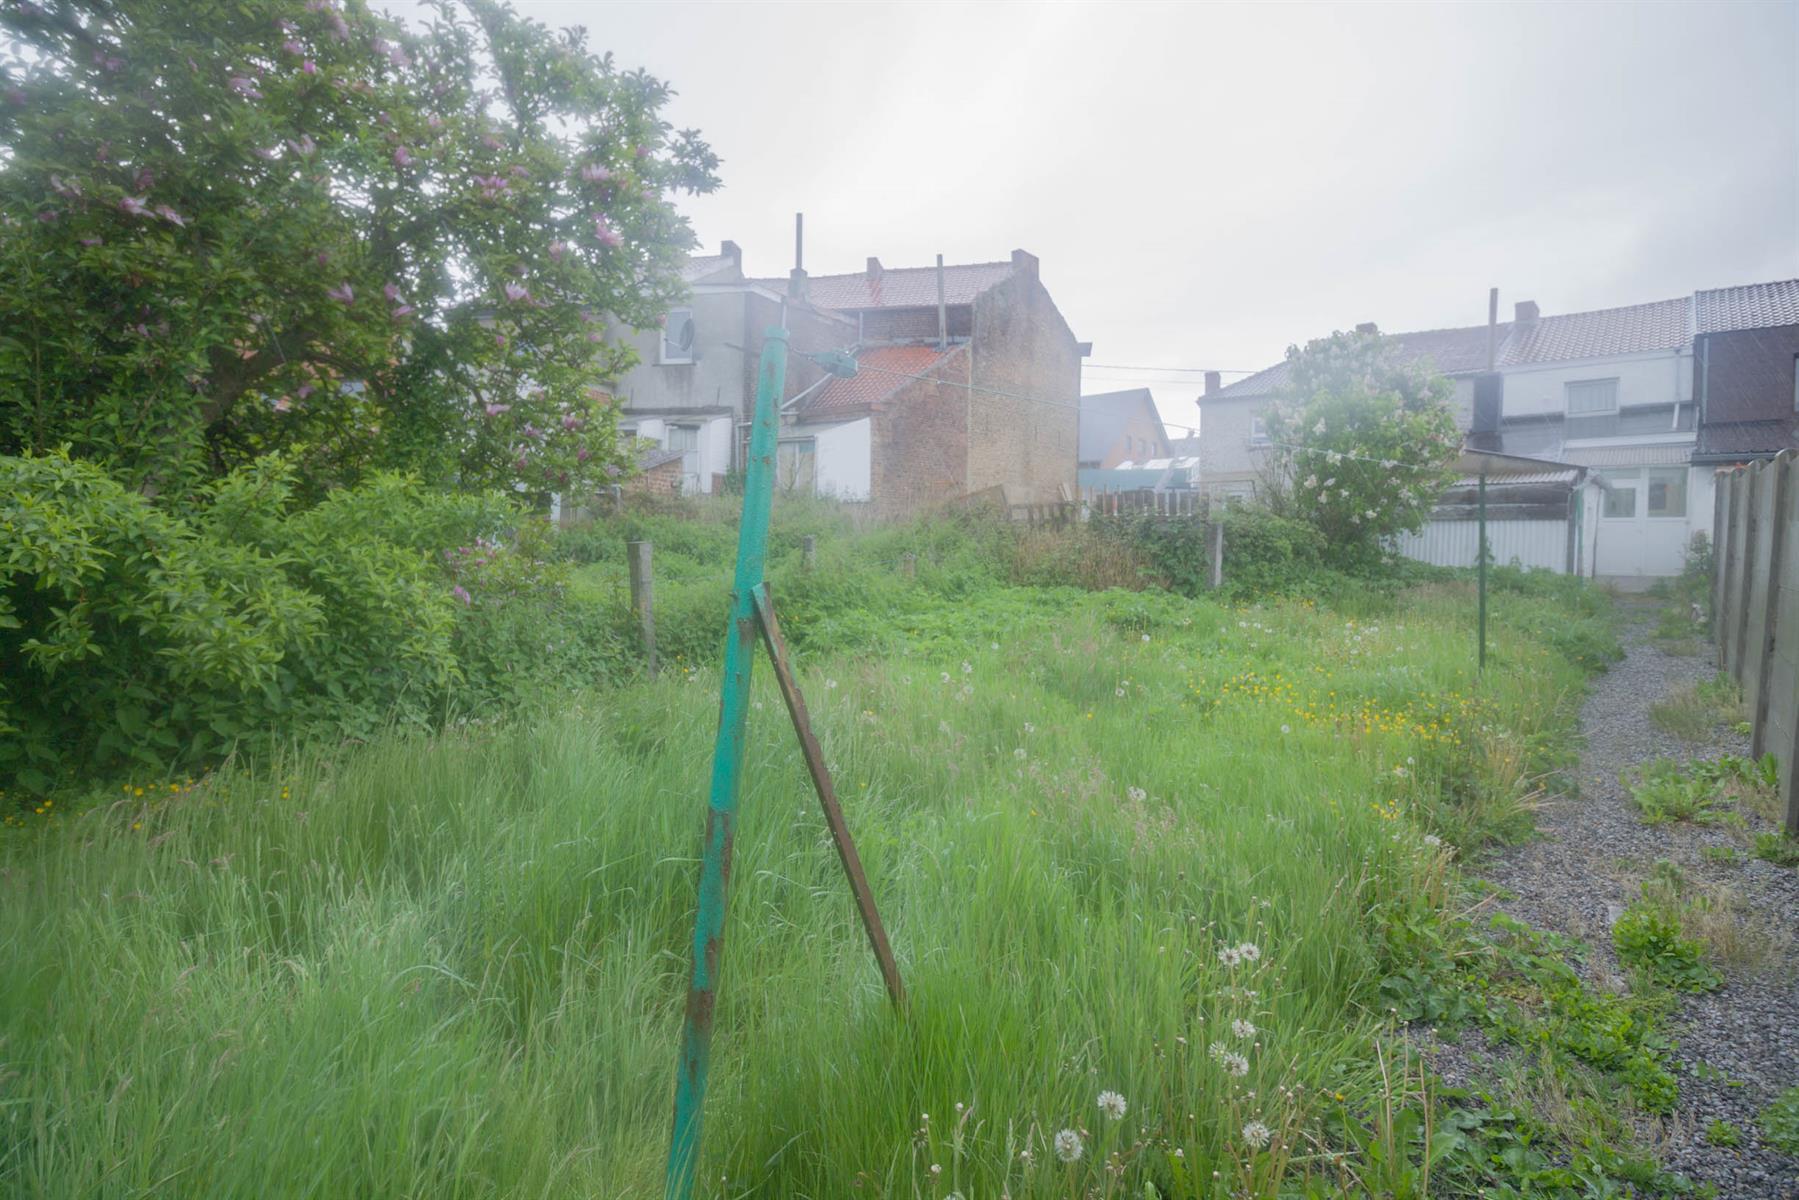 Maison - Jumet - #4373995-26